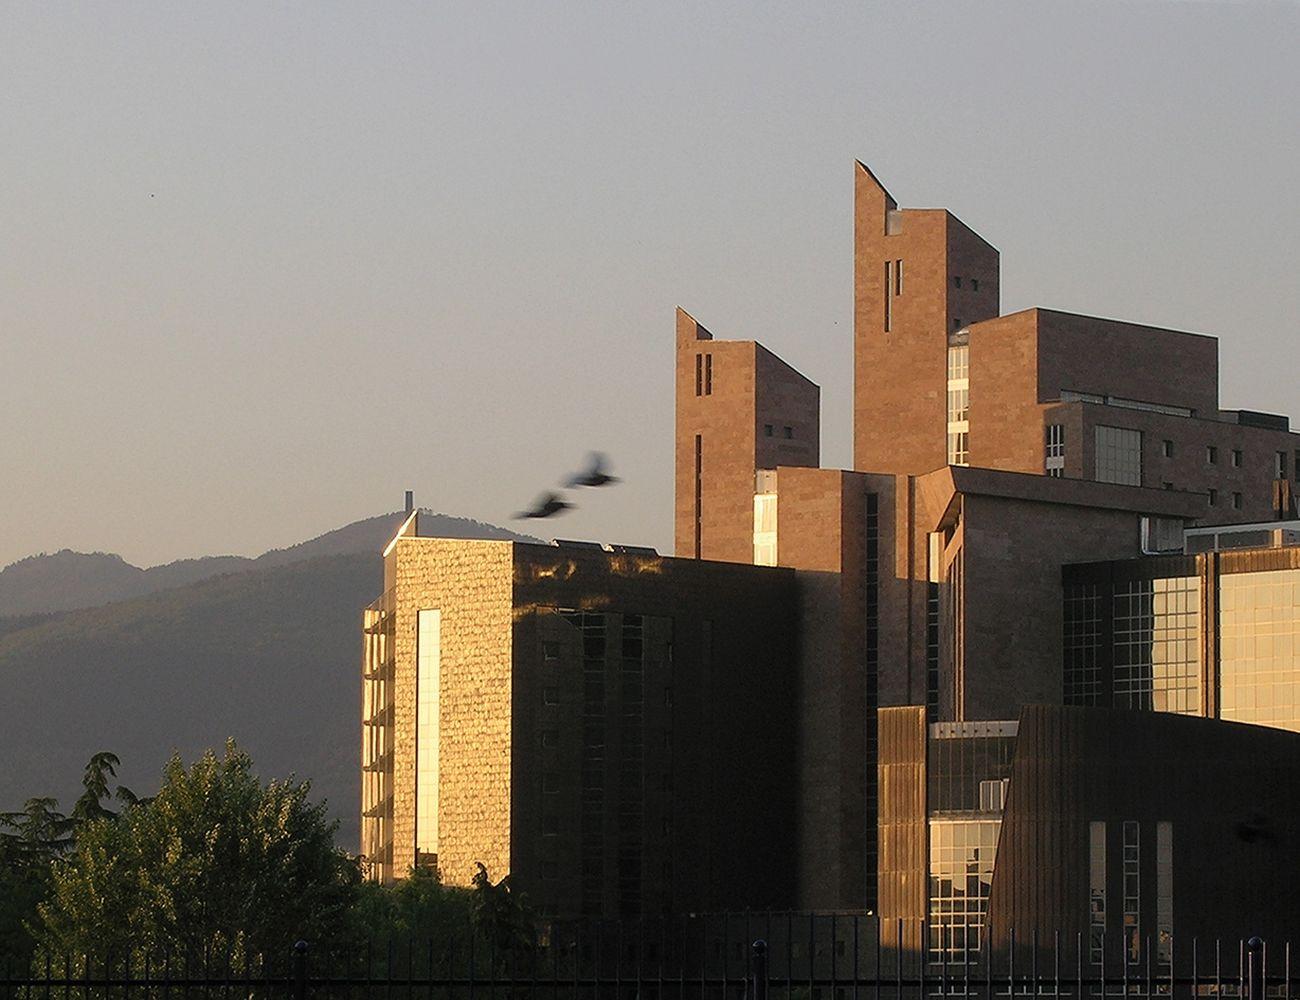 Leonardo Ricci, Palazzo di Giustizia, Firenze 1988-2013. Photo Andrea Aleardi